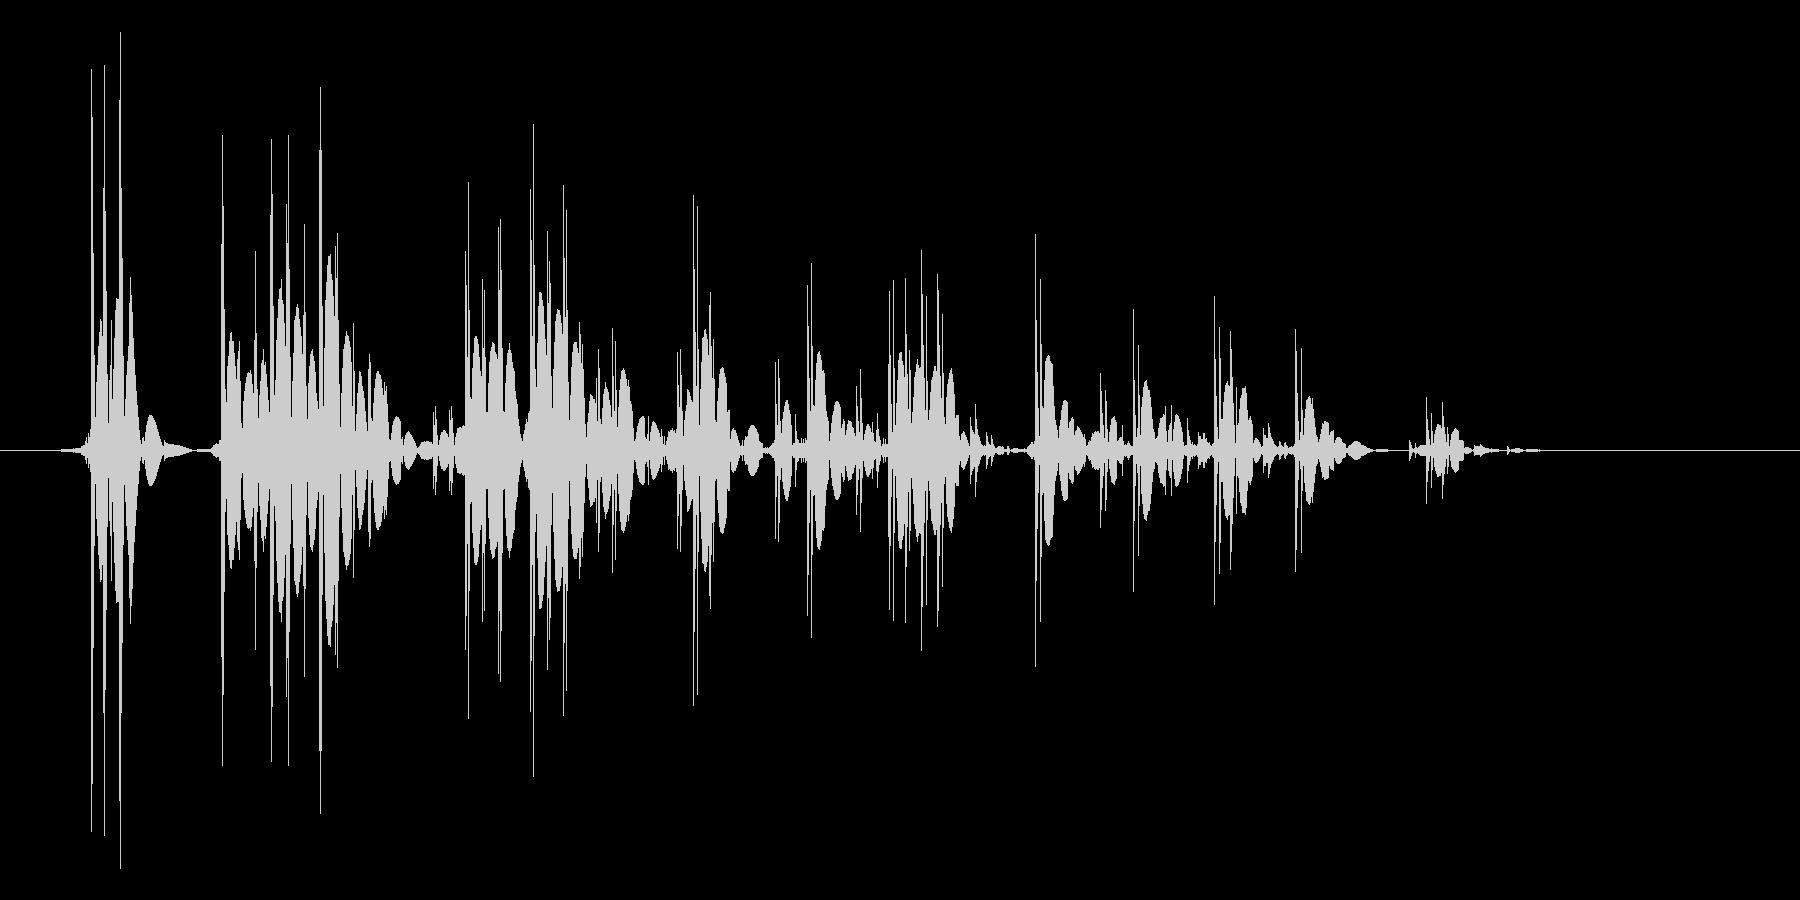 ゲーム(ファミコン風)爆発音_018の未再生の波形